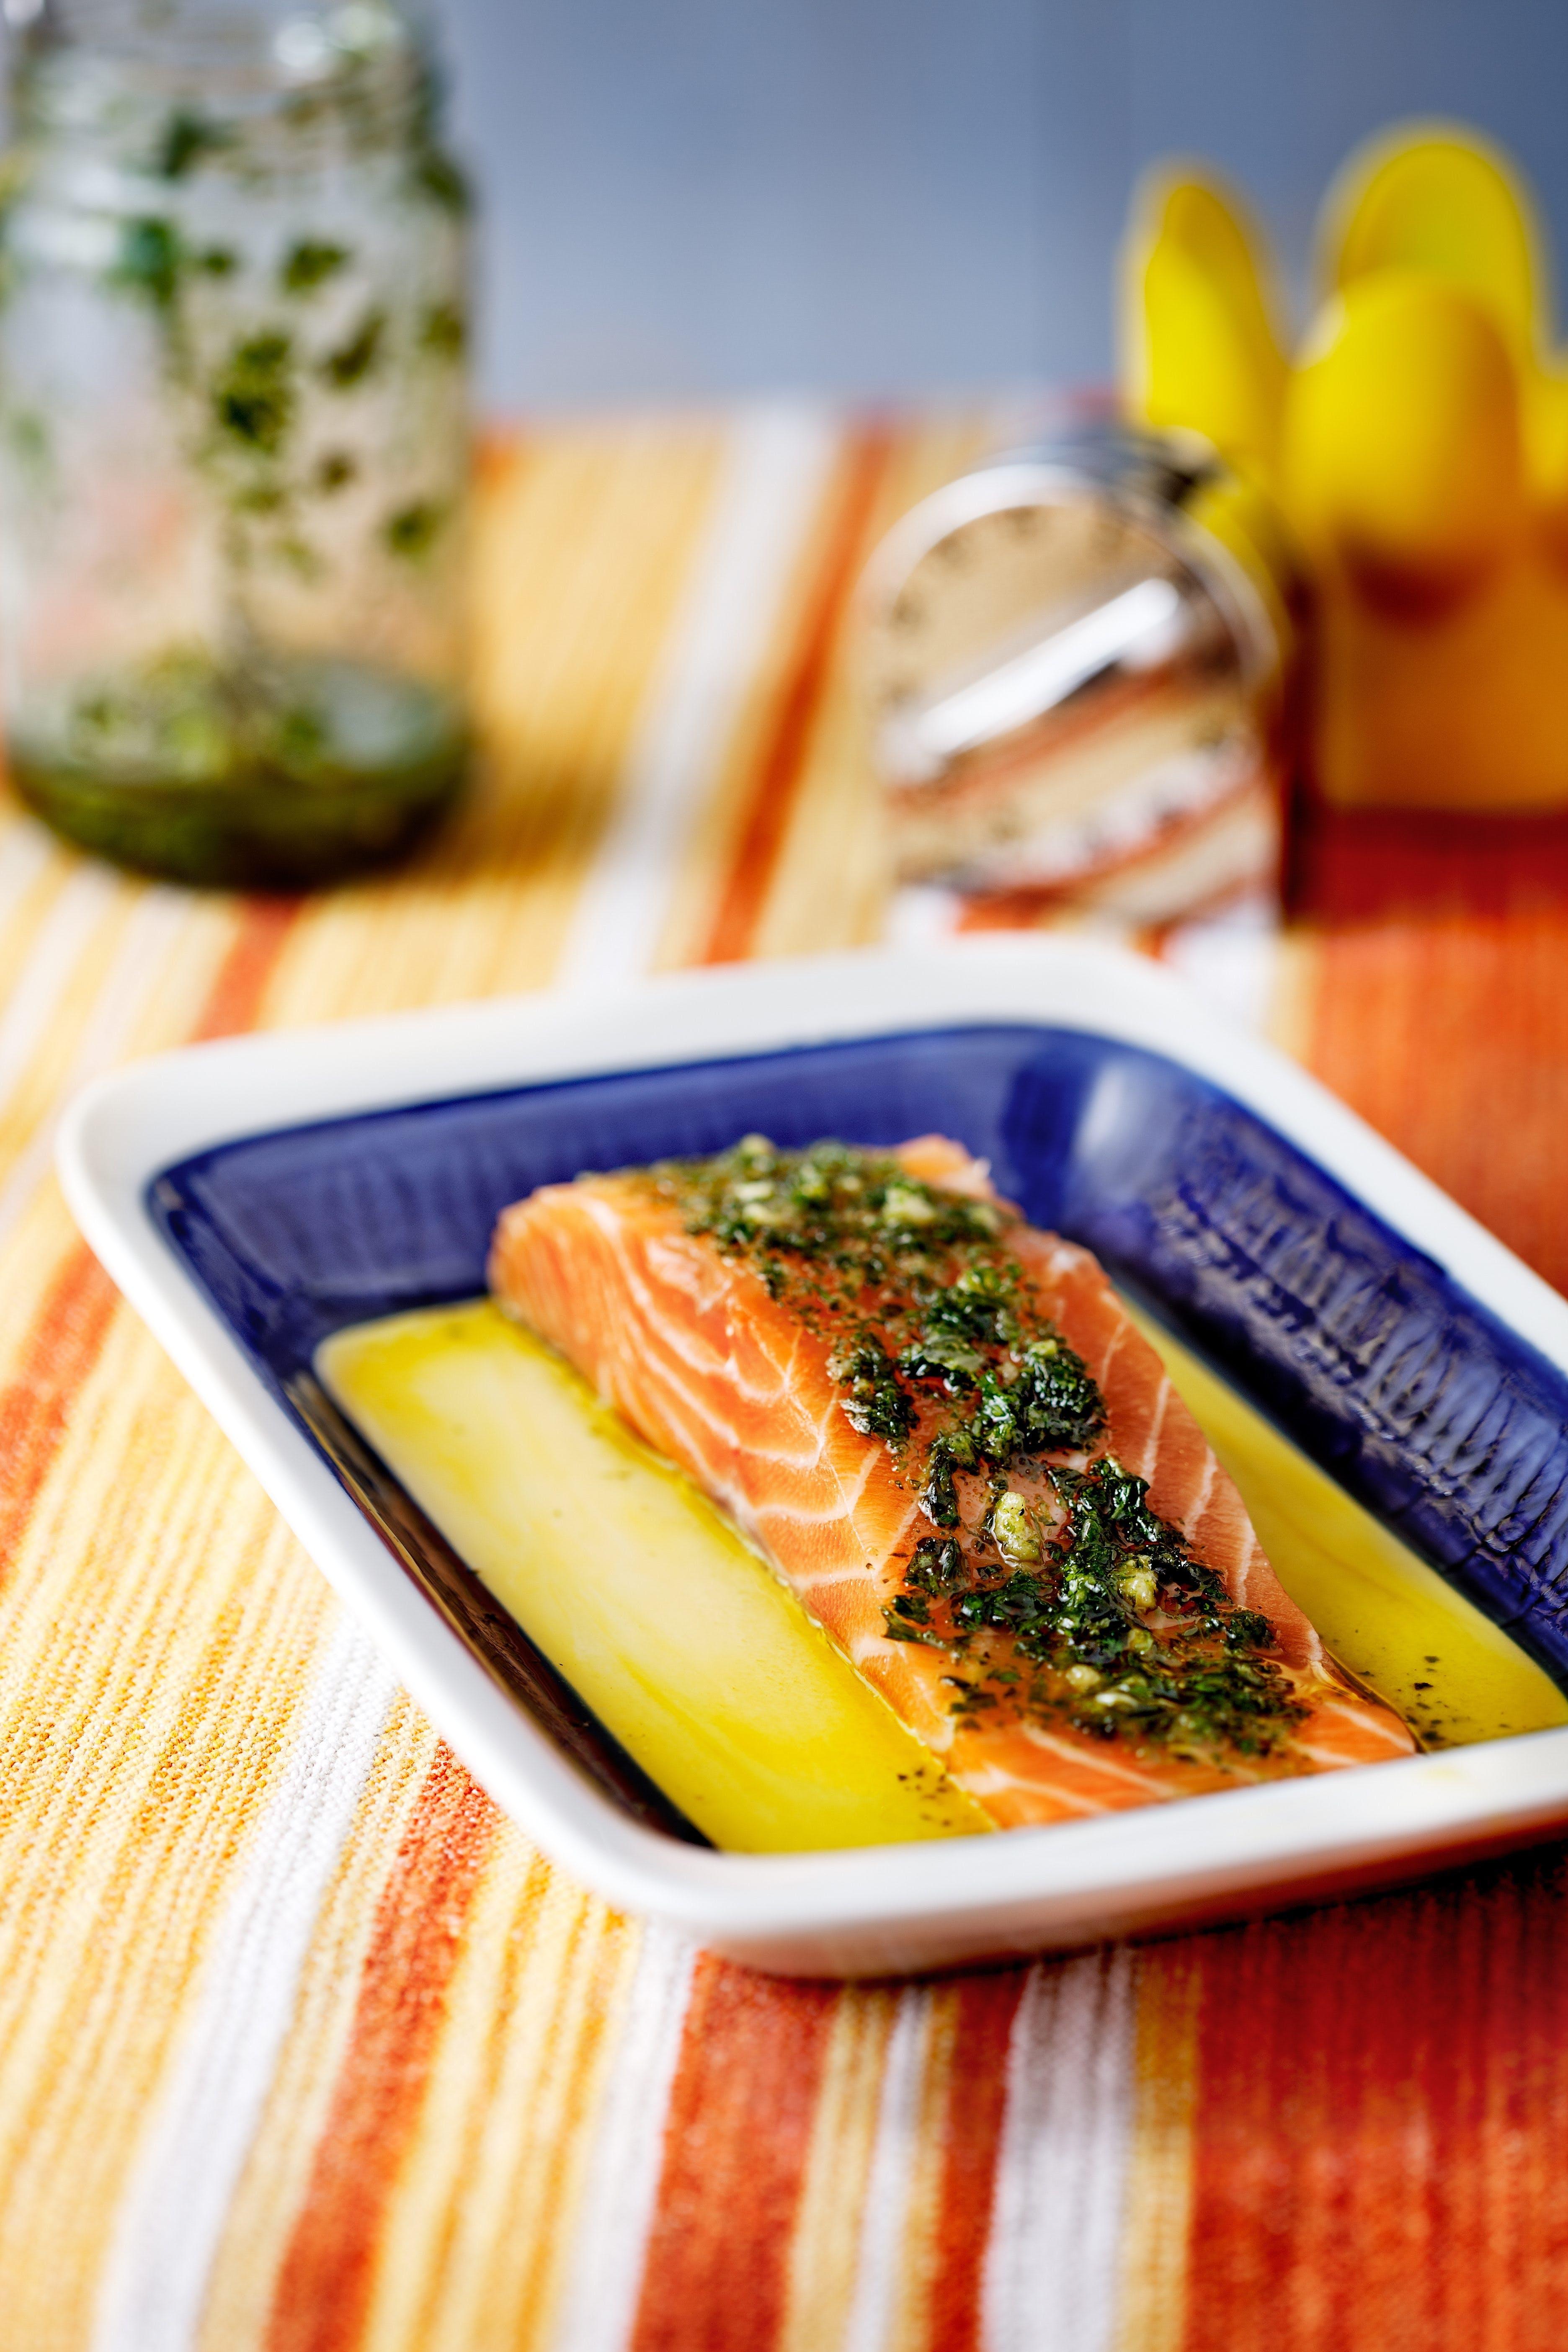 Keto baked salmon with pesto